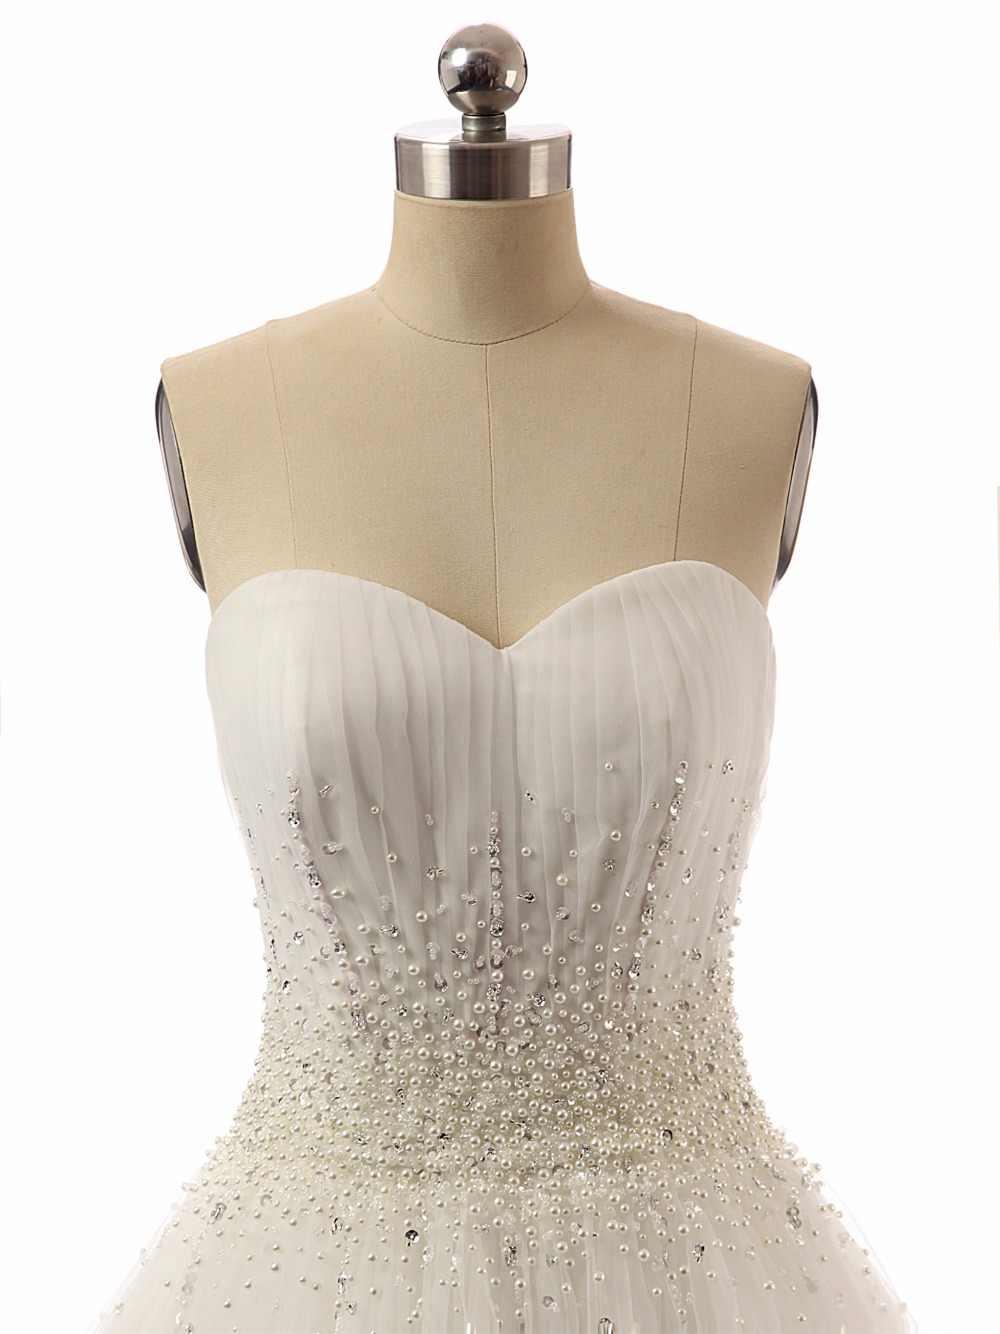 Романтические свадебные платья русалки 2017 года с v-образным вырезом без рукавов для невесты красивые вечерние платья со съемным шлейфом Vestidos De Novia